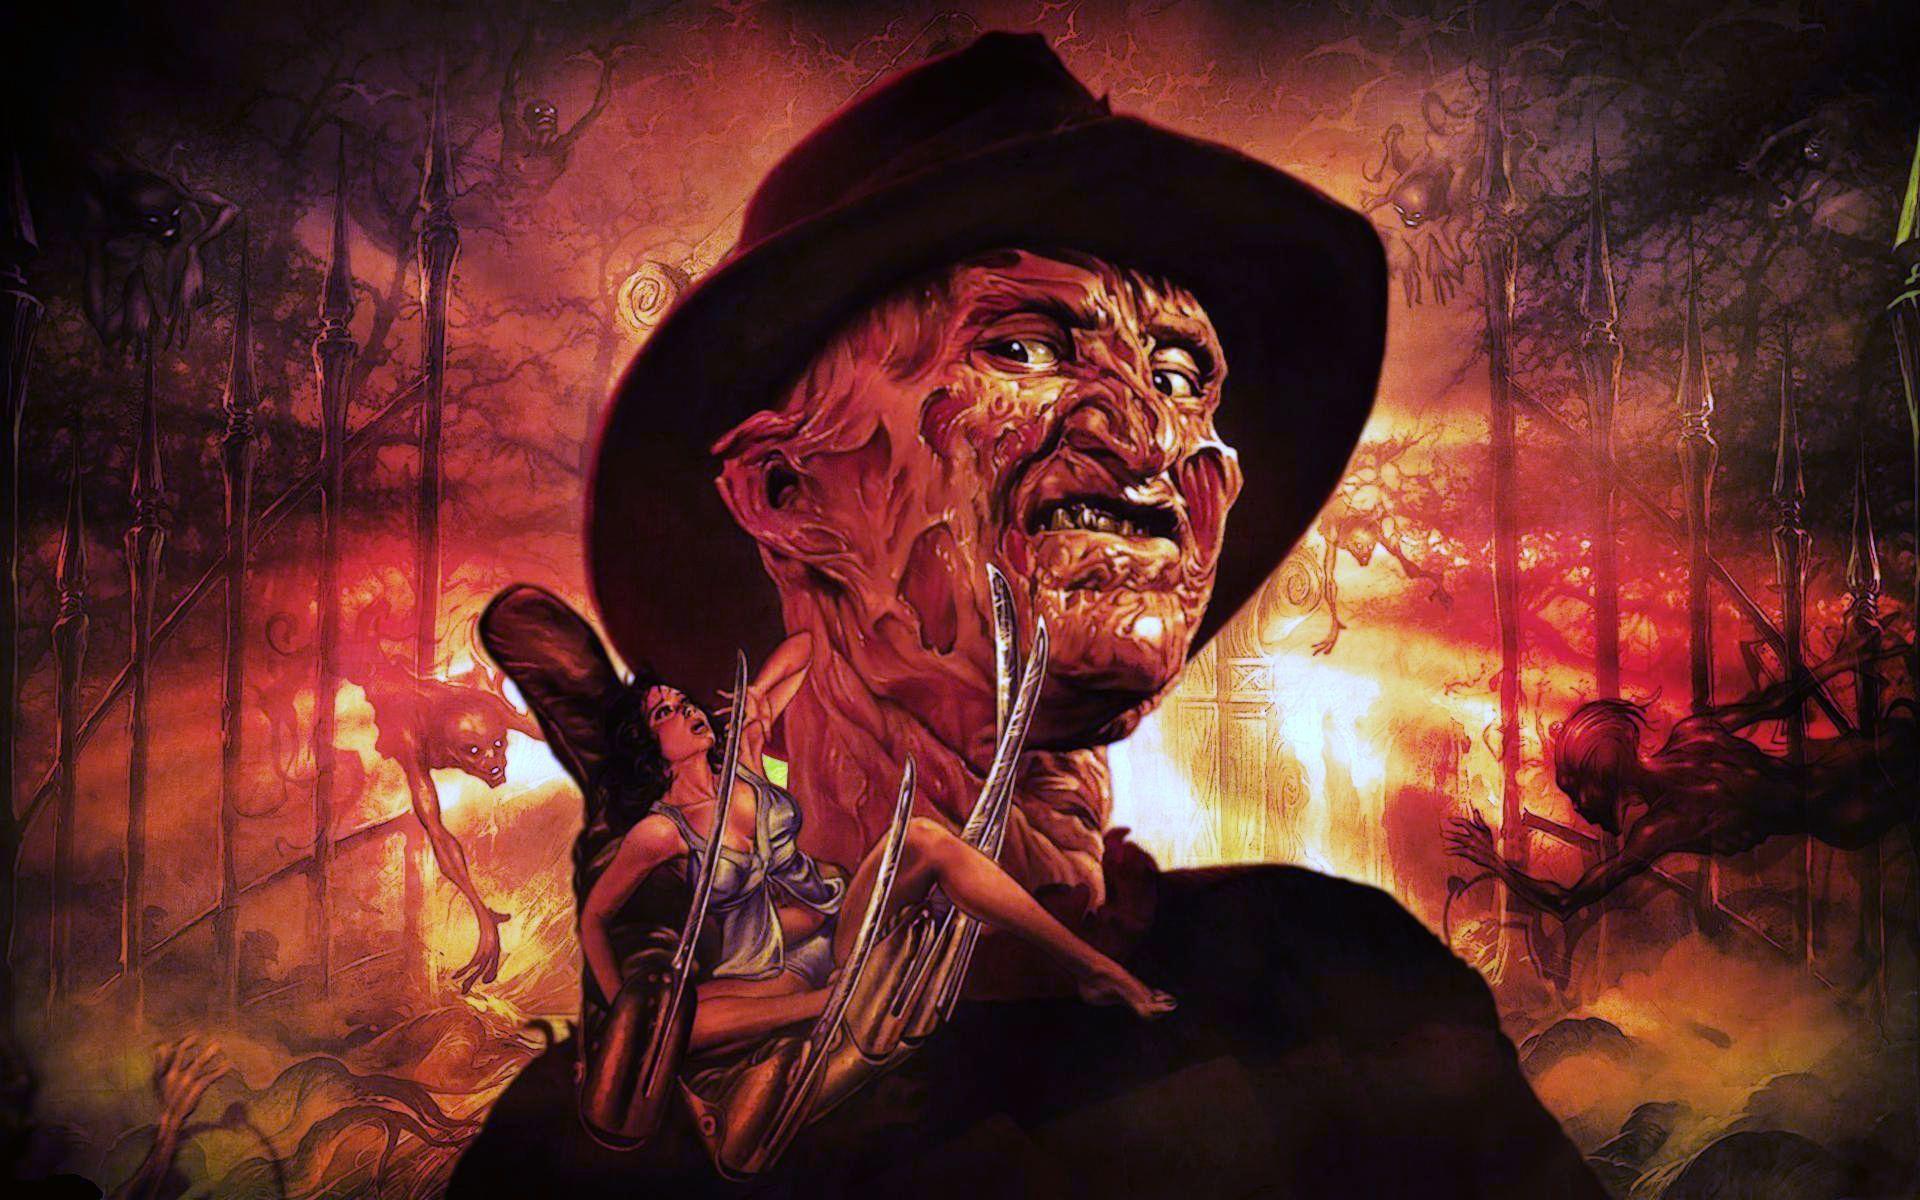 Nightmare On Elm Street Wallpapers Top Free Nightmare On Elm